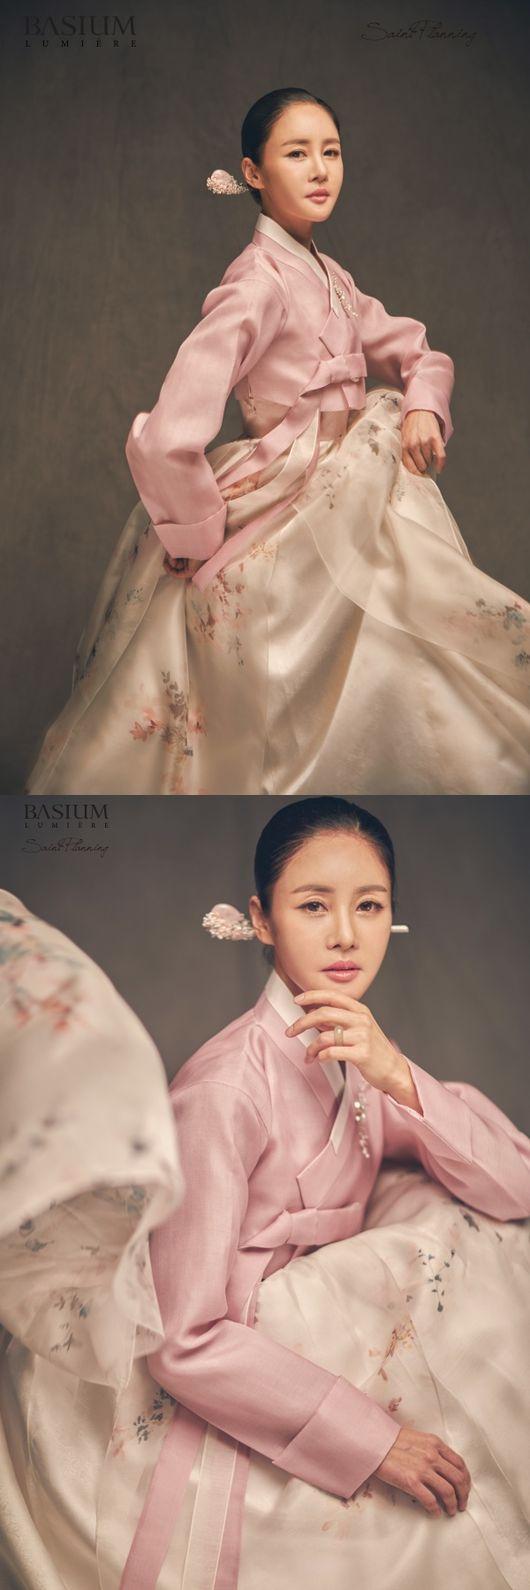 김미연, 웨딩 화보 공개..'개미허리' 돋보이는 순백+단아 '12월의 신부'